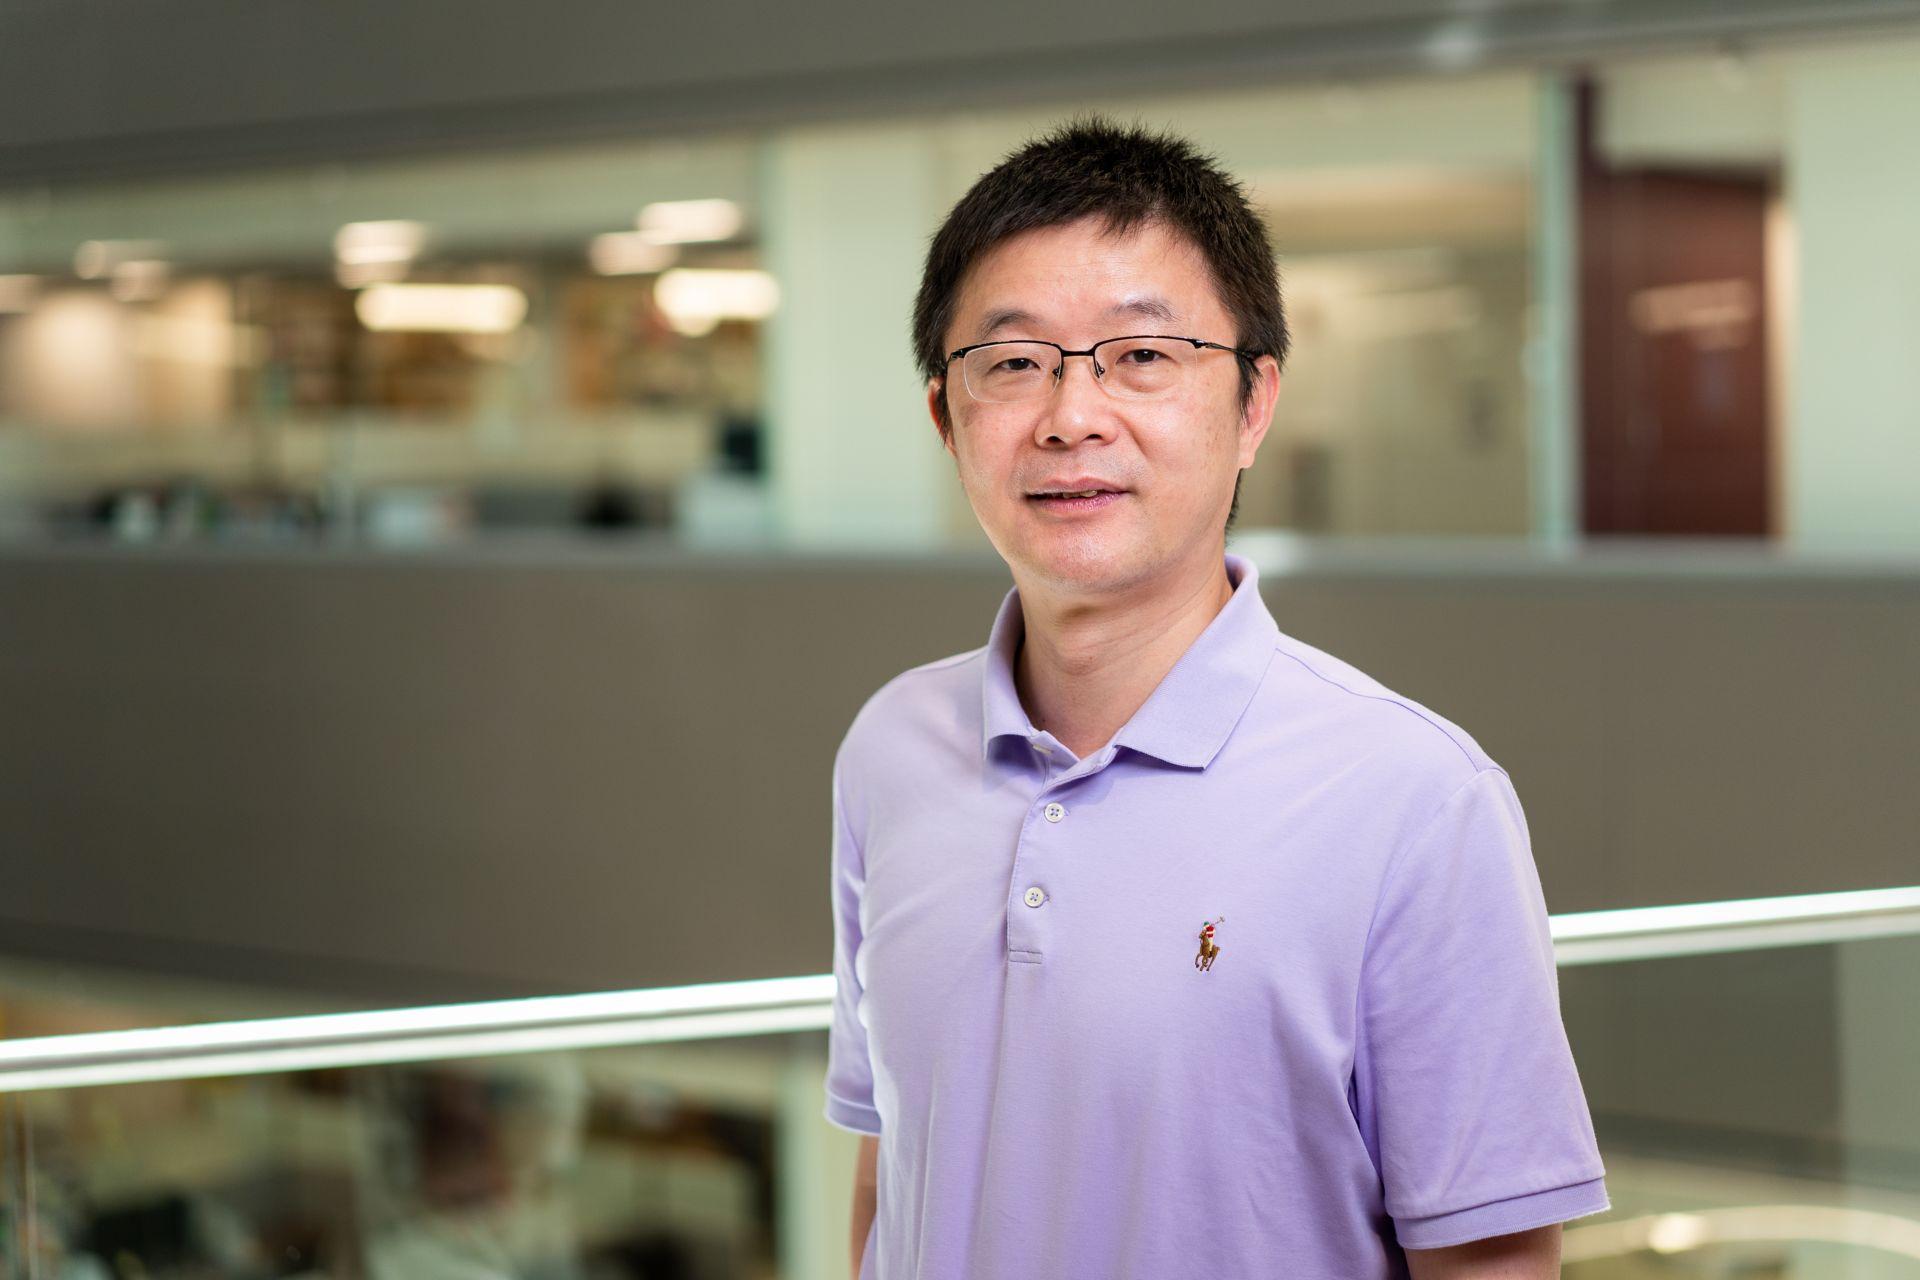 Michael Wang, PhD